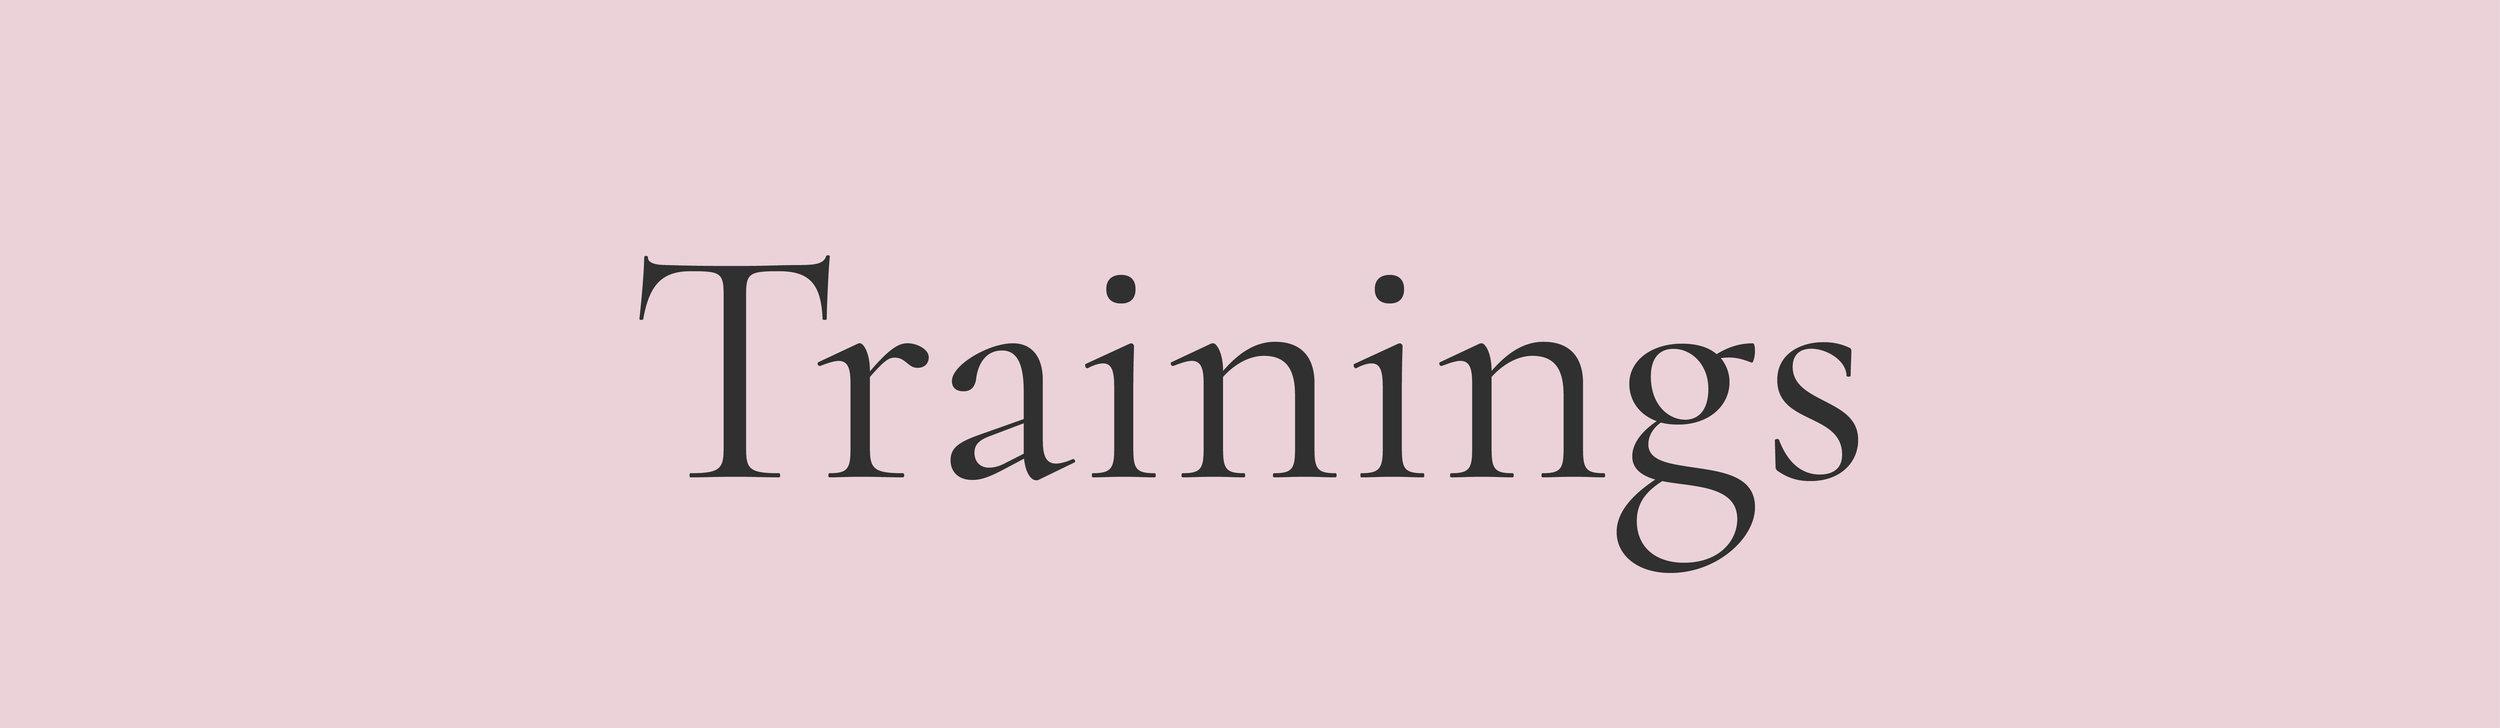 trainings 3.jpg